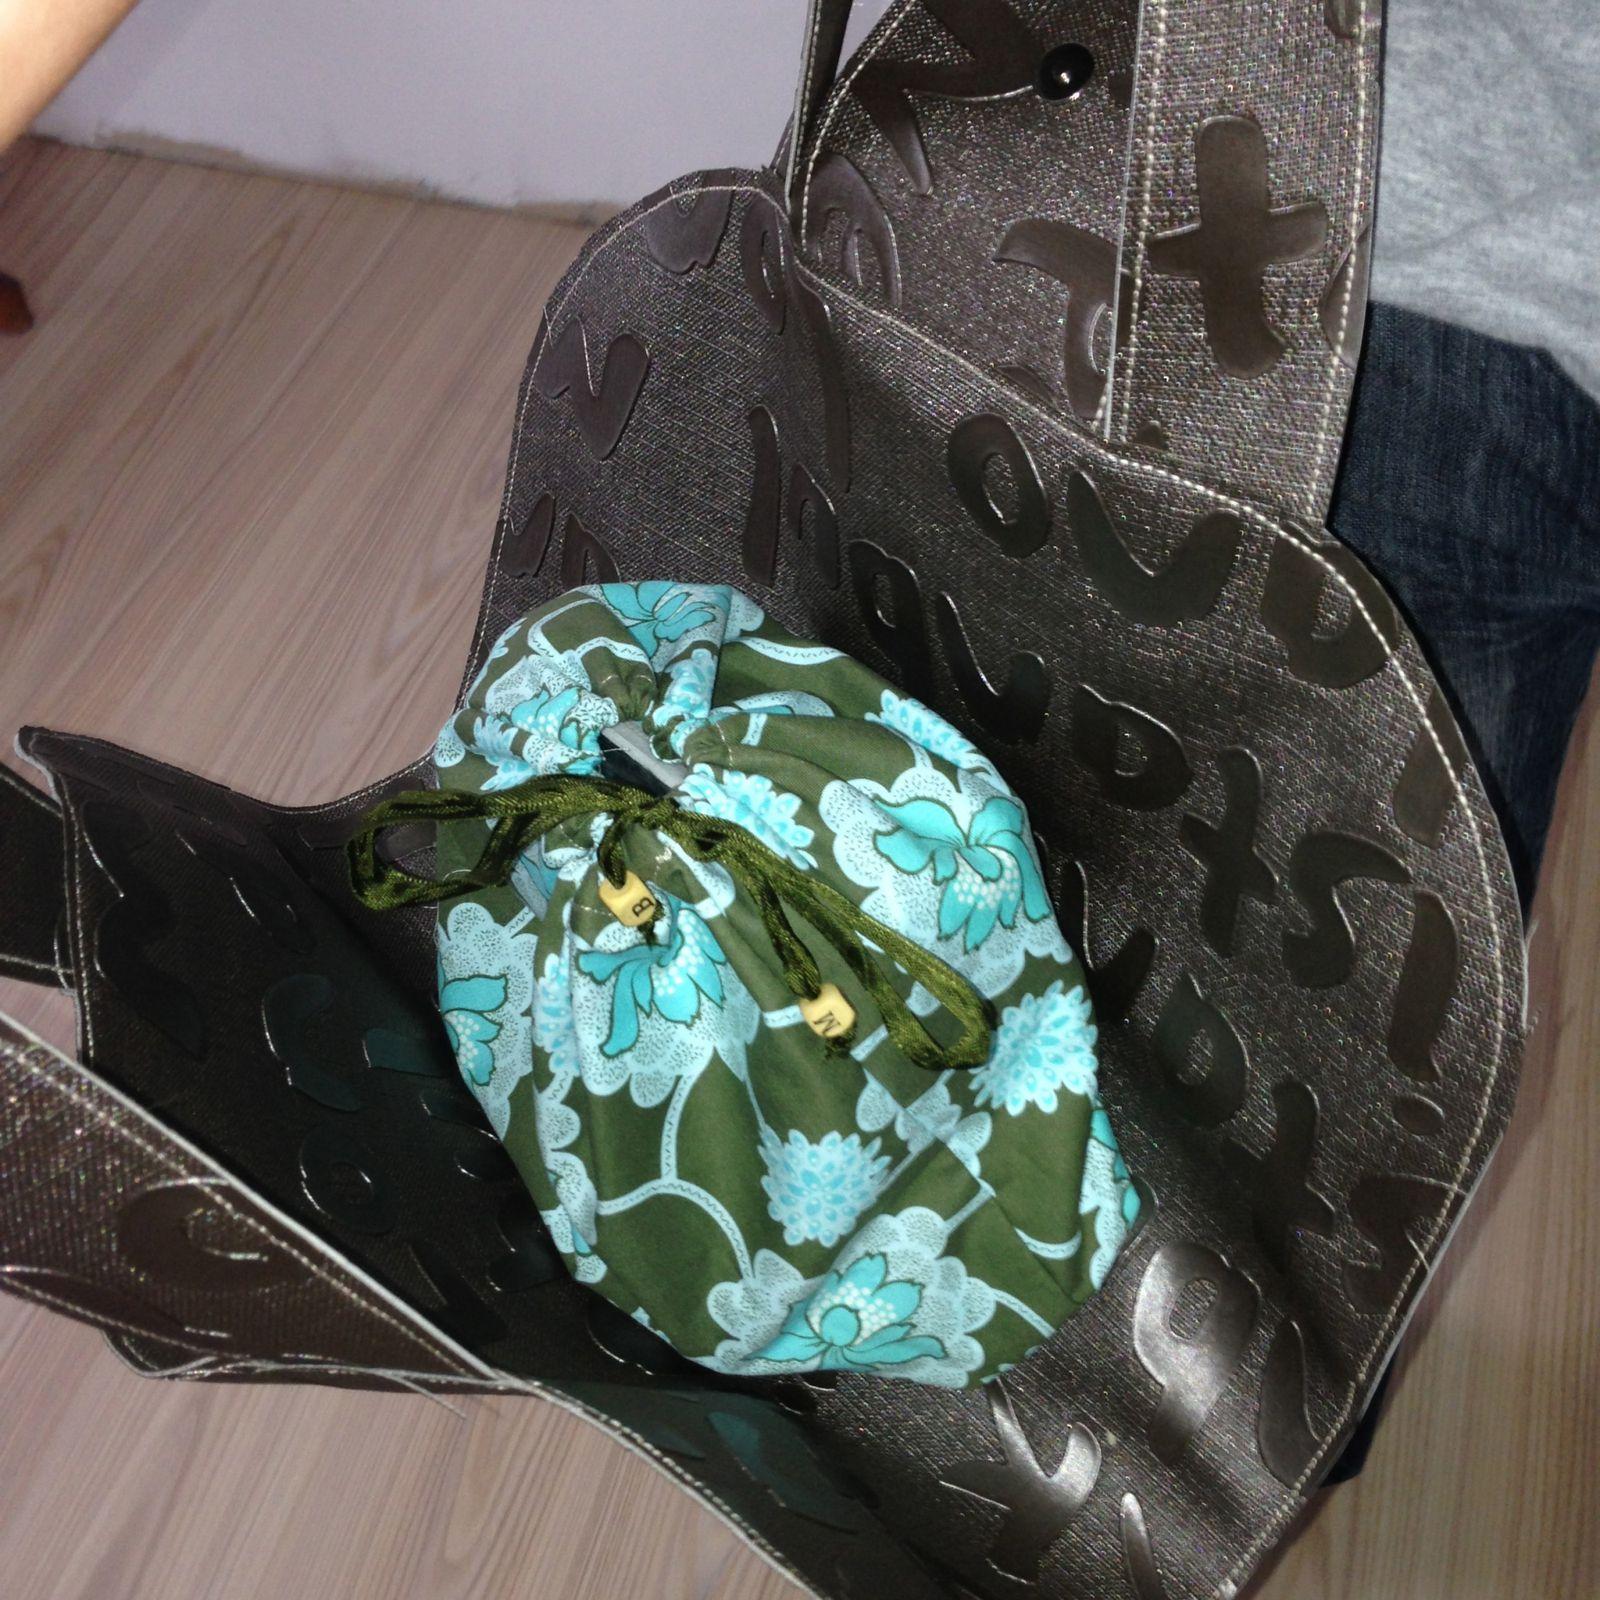 Un sac très spécial...